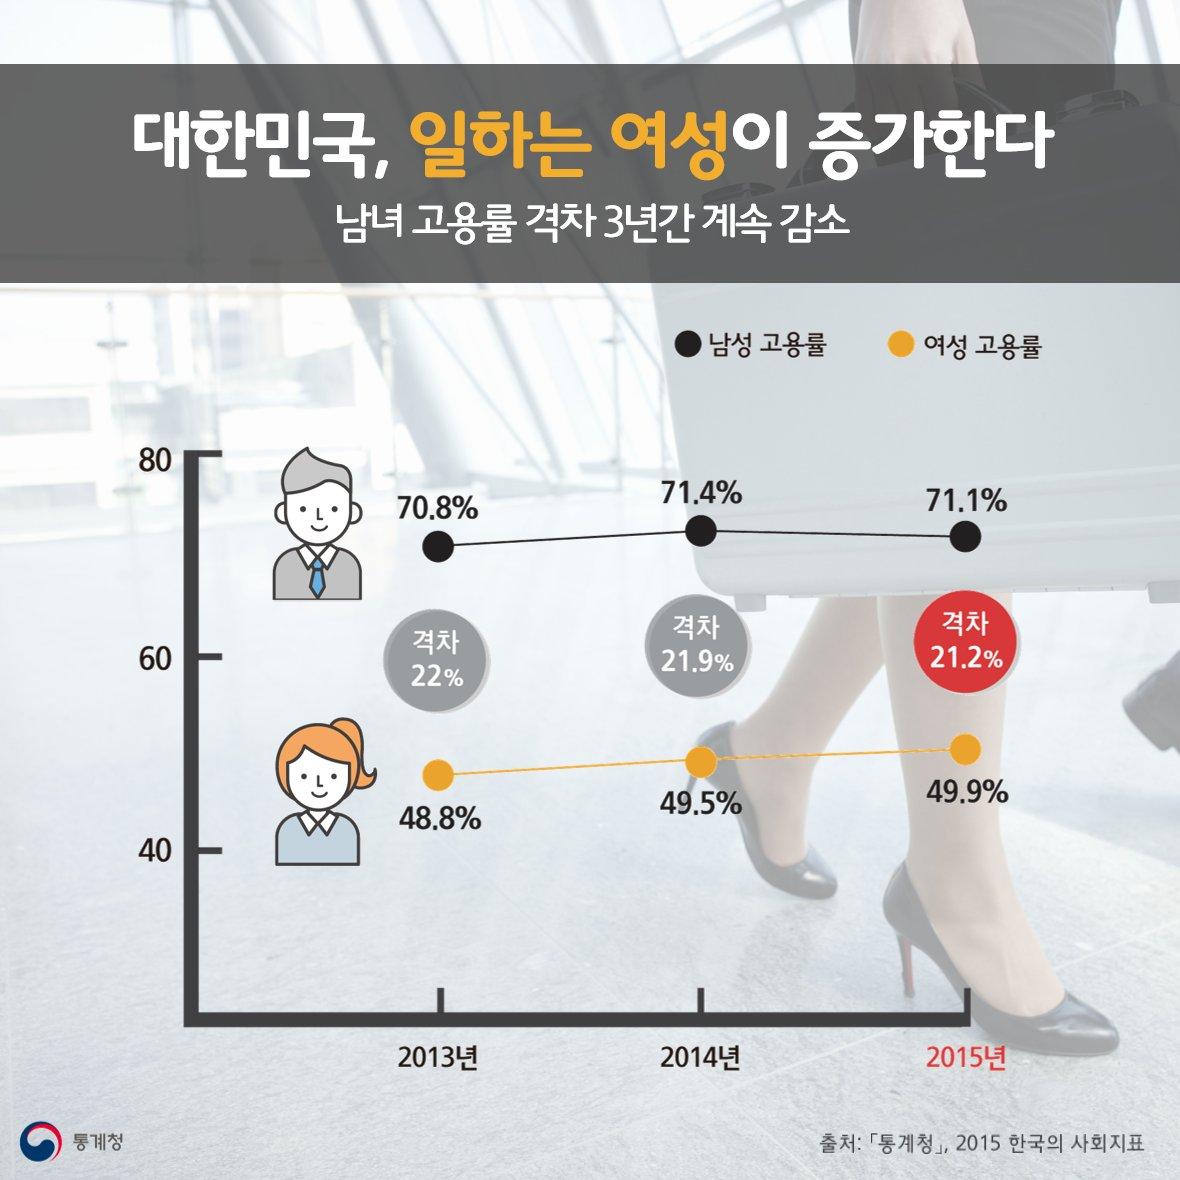 고학력 여성들의 사회진출 증가,  전업주부였던 5~60대의 노동시장 진입으로 남녀 고용률 격차가 3년째 감소했습니다.  #통계청 #고용통계 #남녀고용률 https://t.co/IqiNkBC0wd